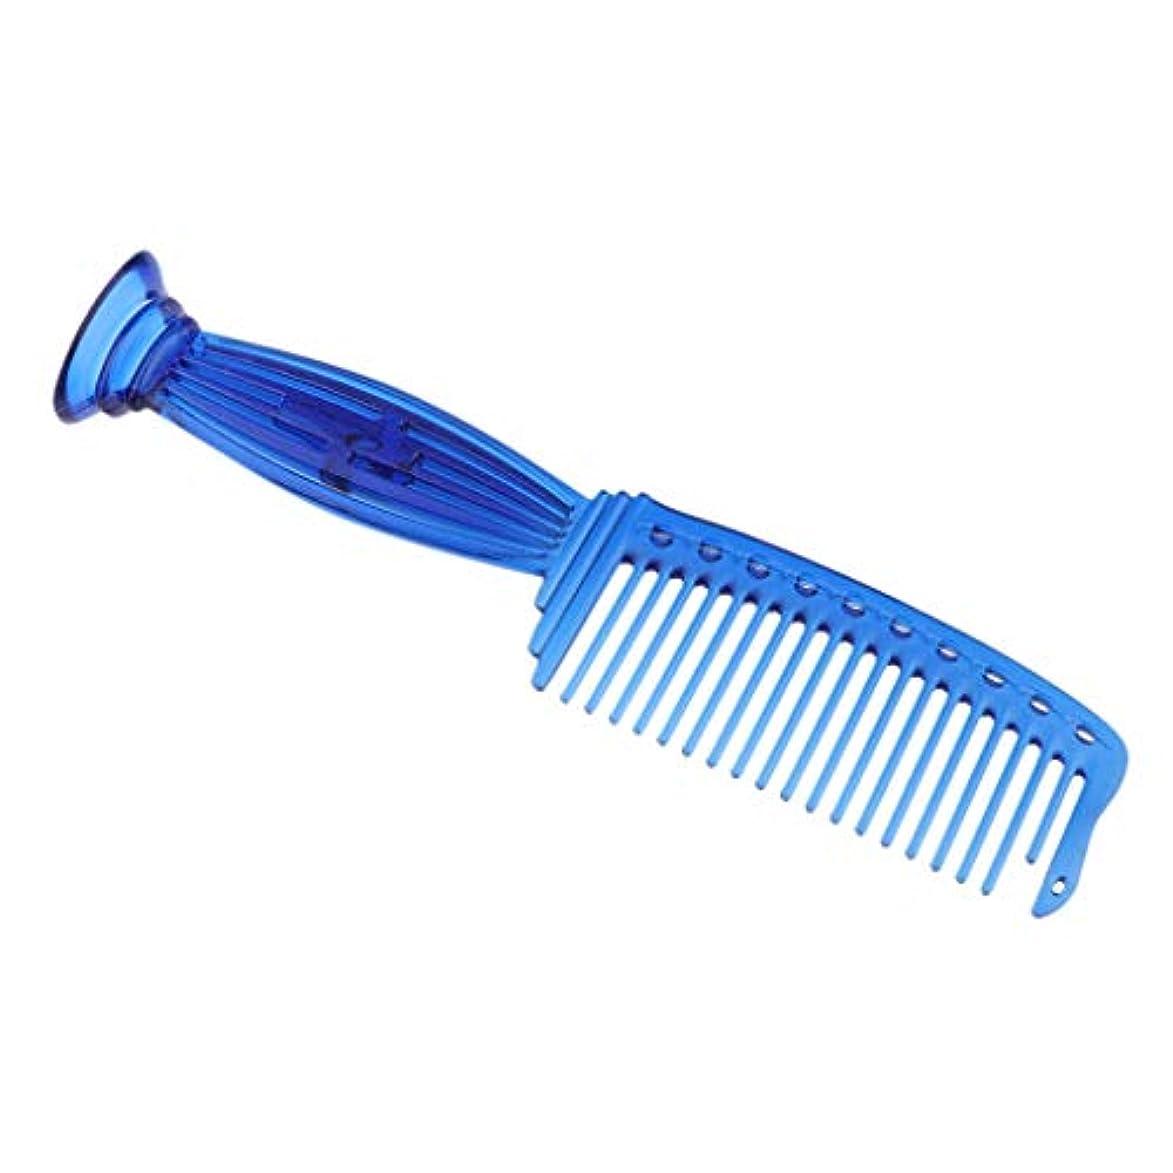 酔っ払いアテンダント考古学的なF Fityle ヘアコーム ヘアブラシ プロ ヘアサロン 理髪師 ワイド歯 プラスチック 5色選べ - 青